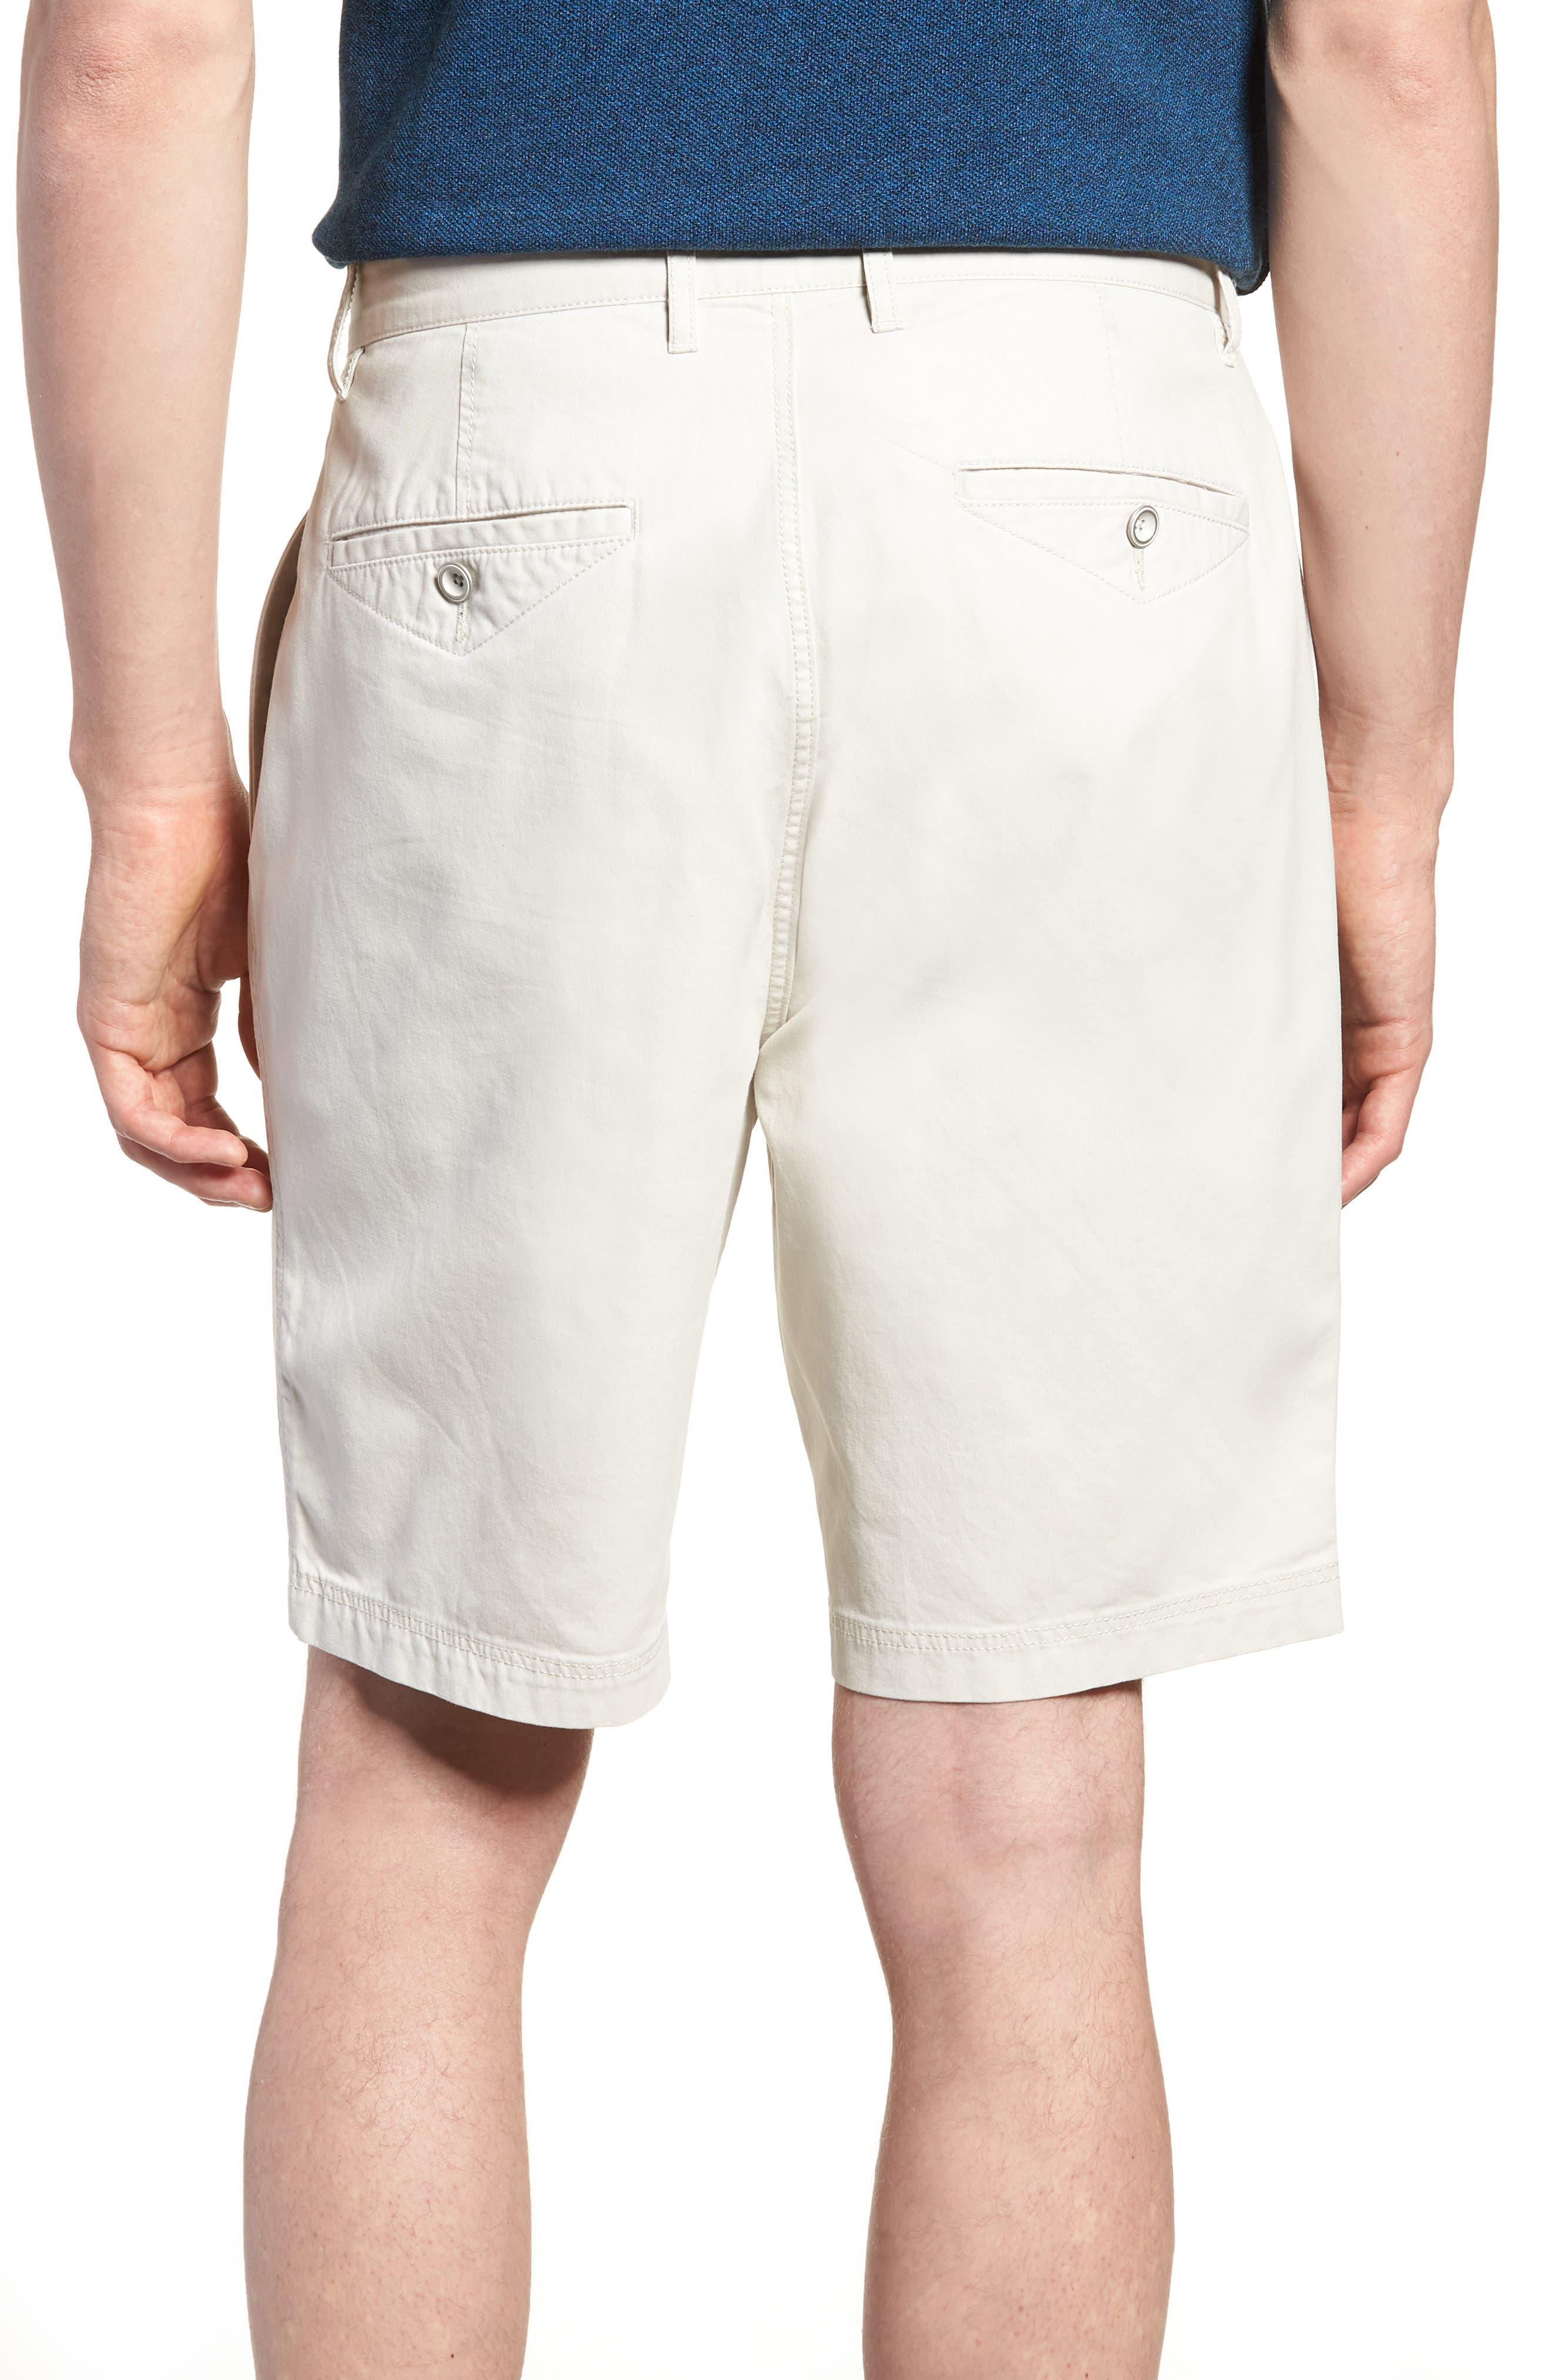 RODD & GUNN,                             Glenburn Shorts,                             Alternate thumbnail 2, color,                             261